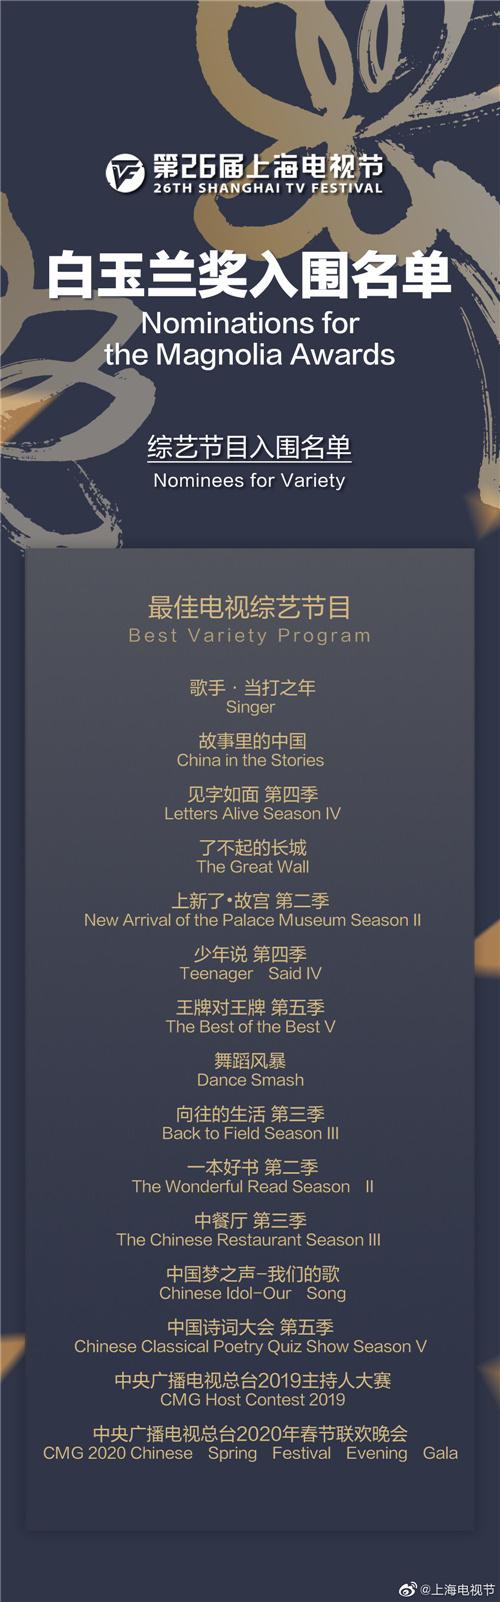 allbet代理:白玉兰入围名单出炉 雷佳音张若昀角逐最佳男主角 第7张